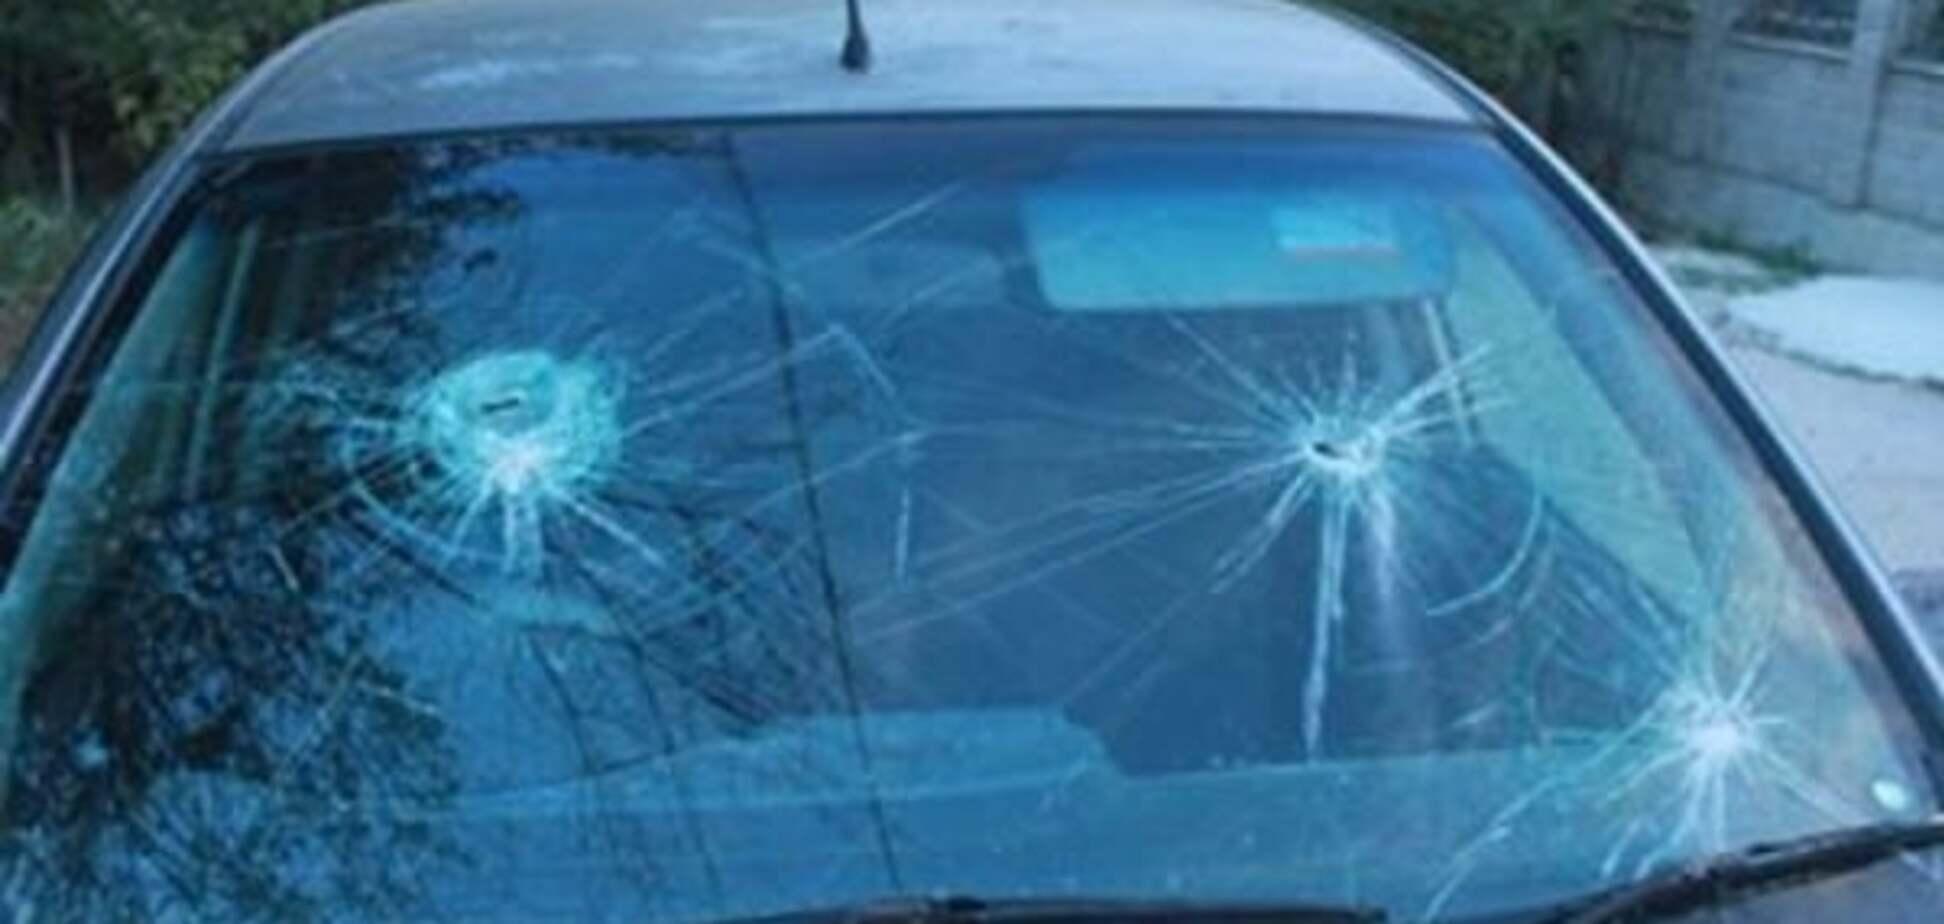 Різали ножем і били молотком: у Криму розгромили авто російської активістки